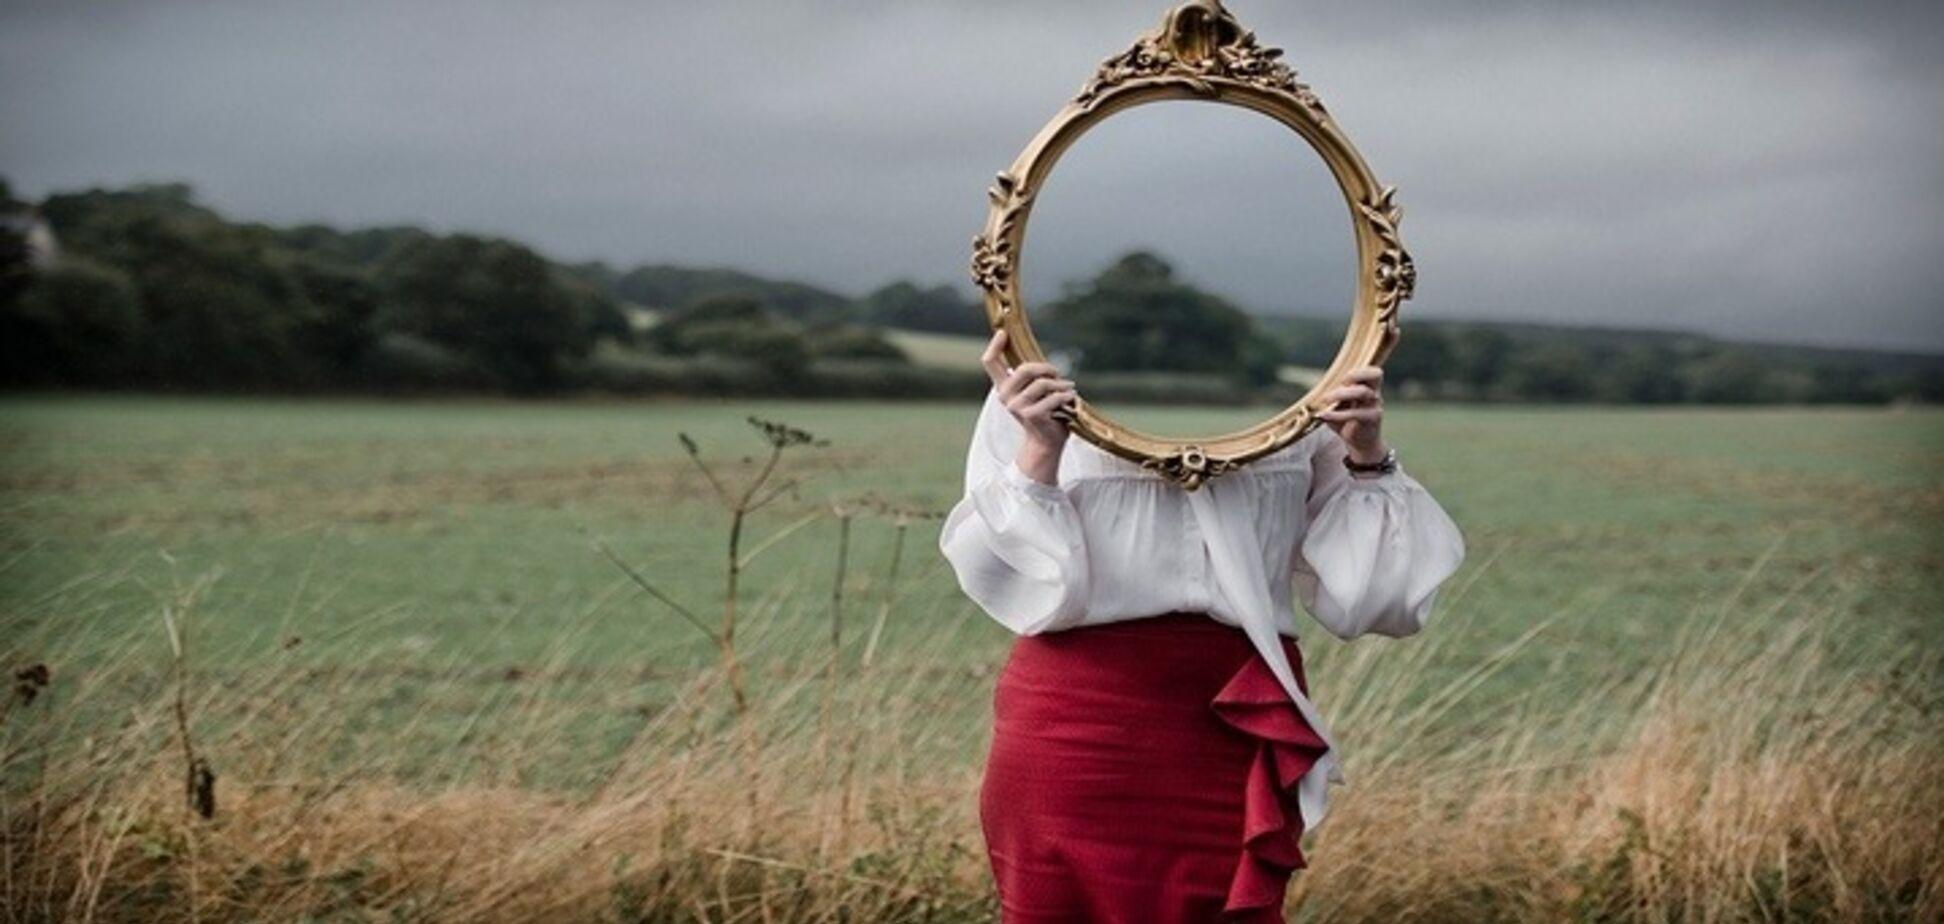 Діагностика в дзеркалі: лікар розповів, про які хвороби розкажуть особливості зовнішності